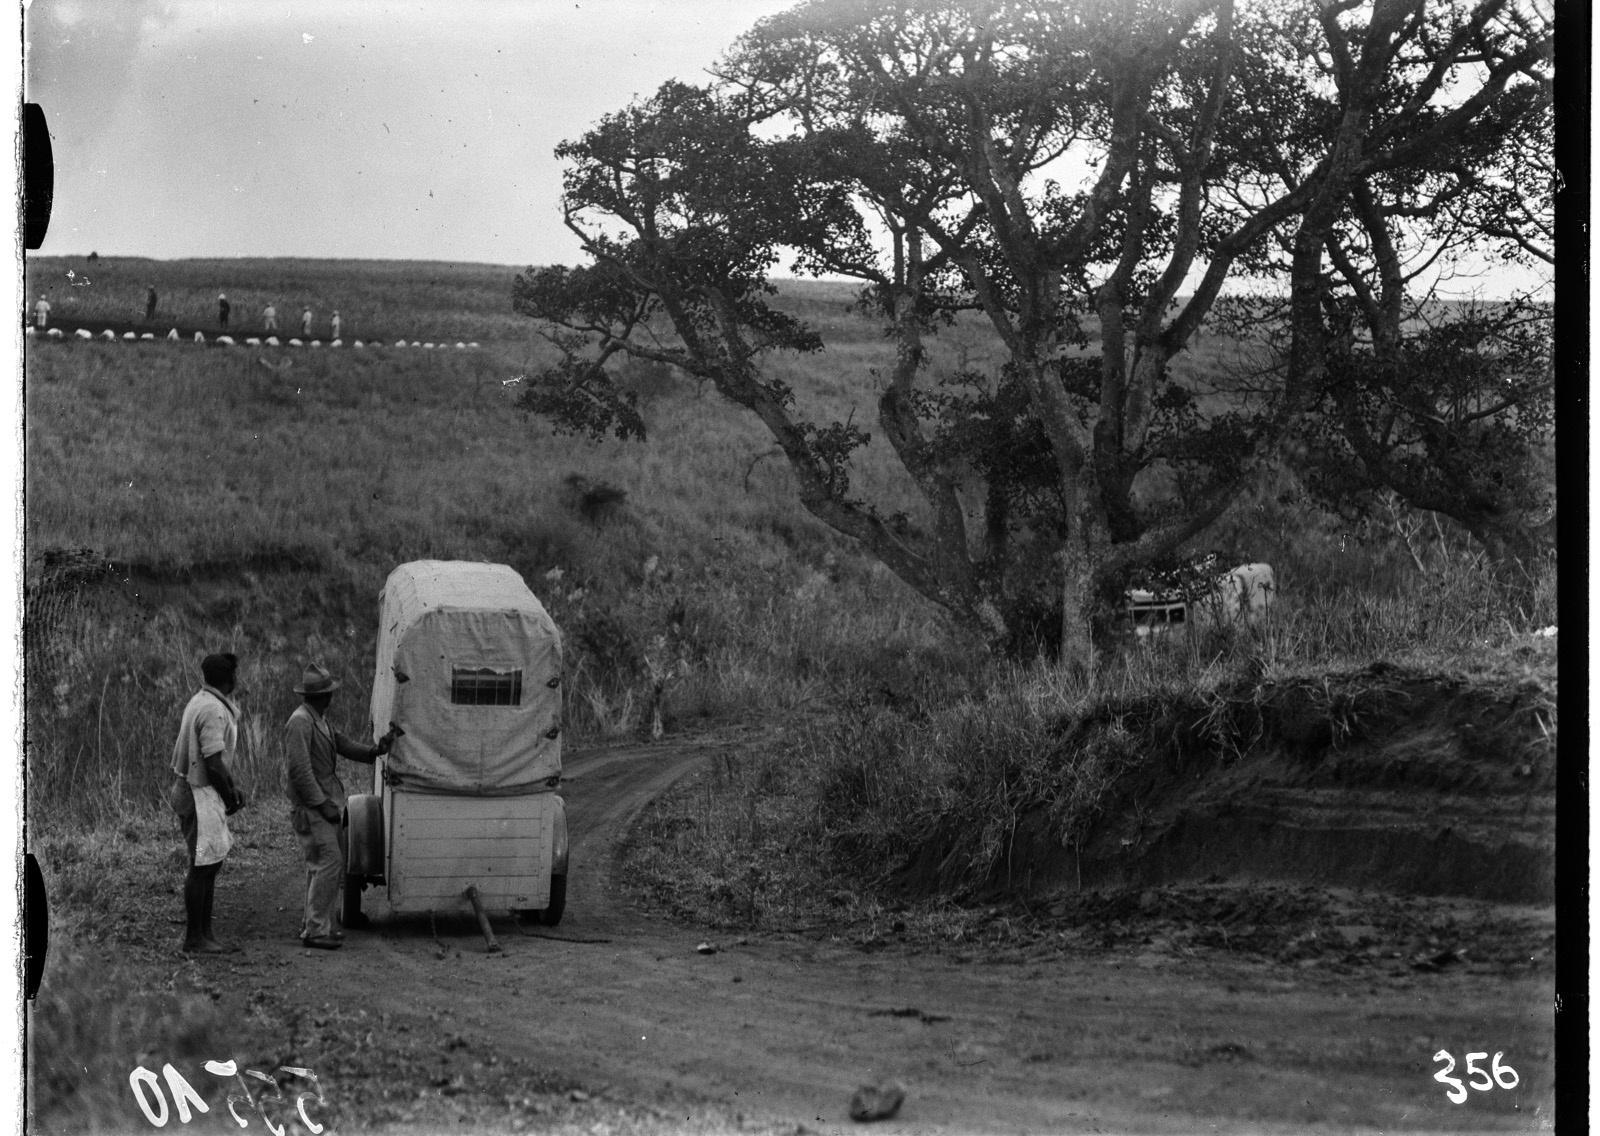 Южно-Африканский Союз. В окрестностях Претории. Два человека возле прицепа. На заднем плане участники экспедиции изучают местность